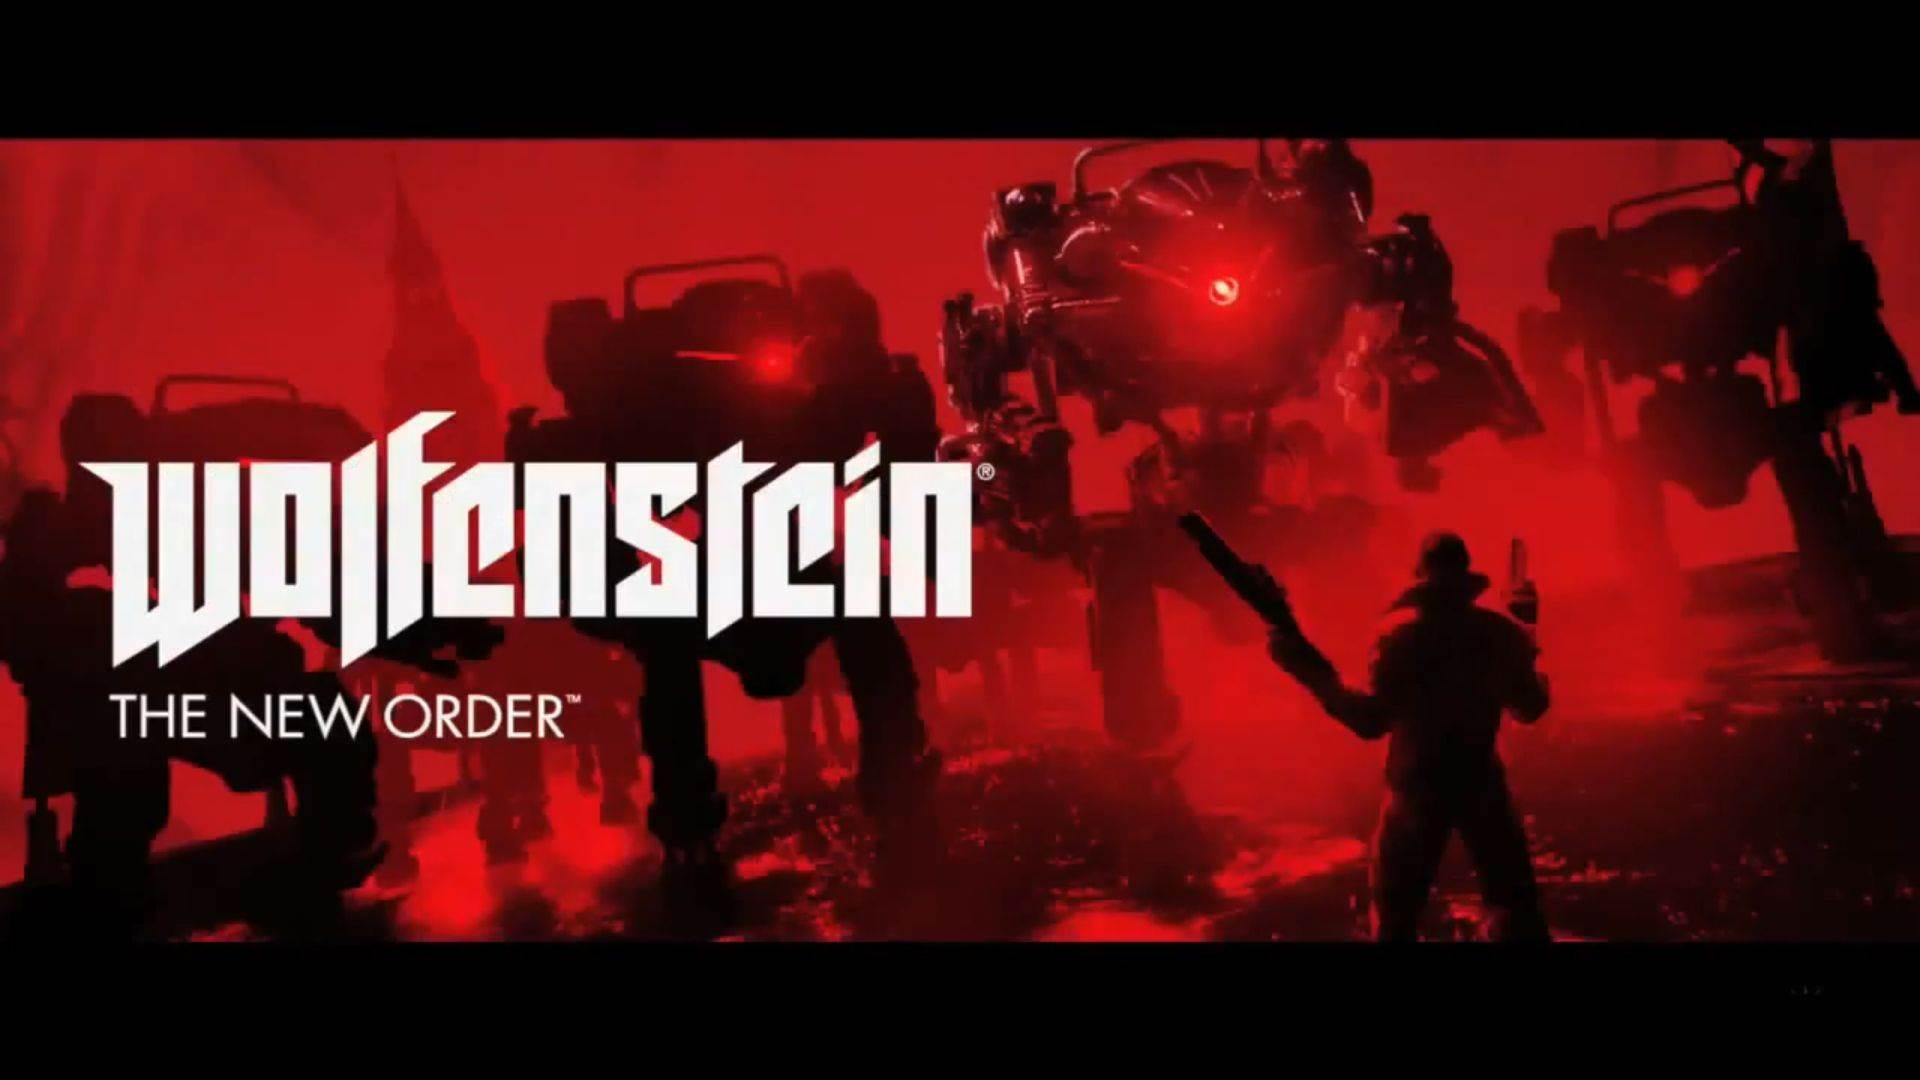 wolfenstein-the-new-order-hd-wallpaper-1-.jpg